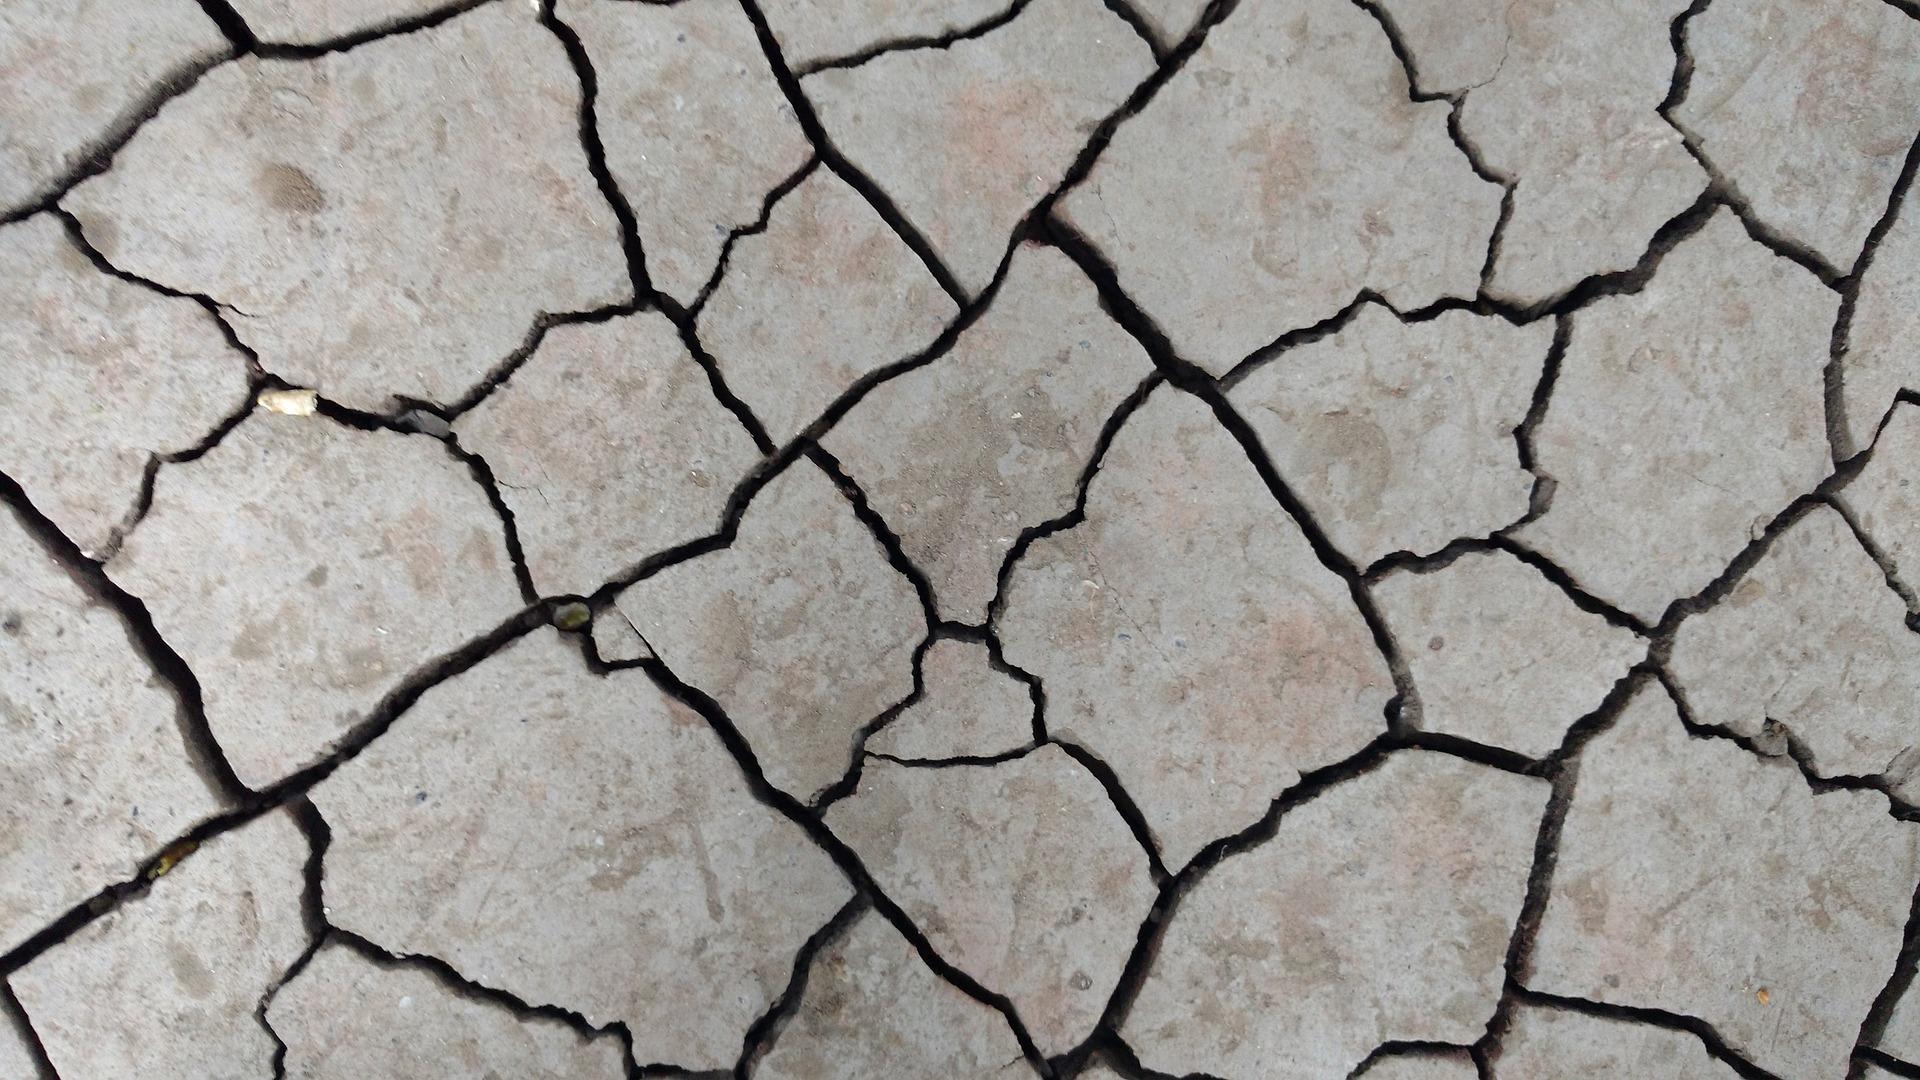 trzęsienie ziemi, fala sejsmiczna, fala mechaniczna, pęknięty grunt